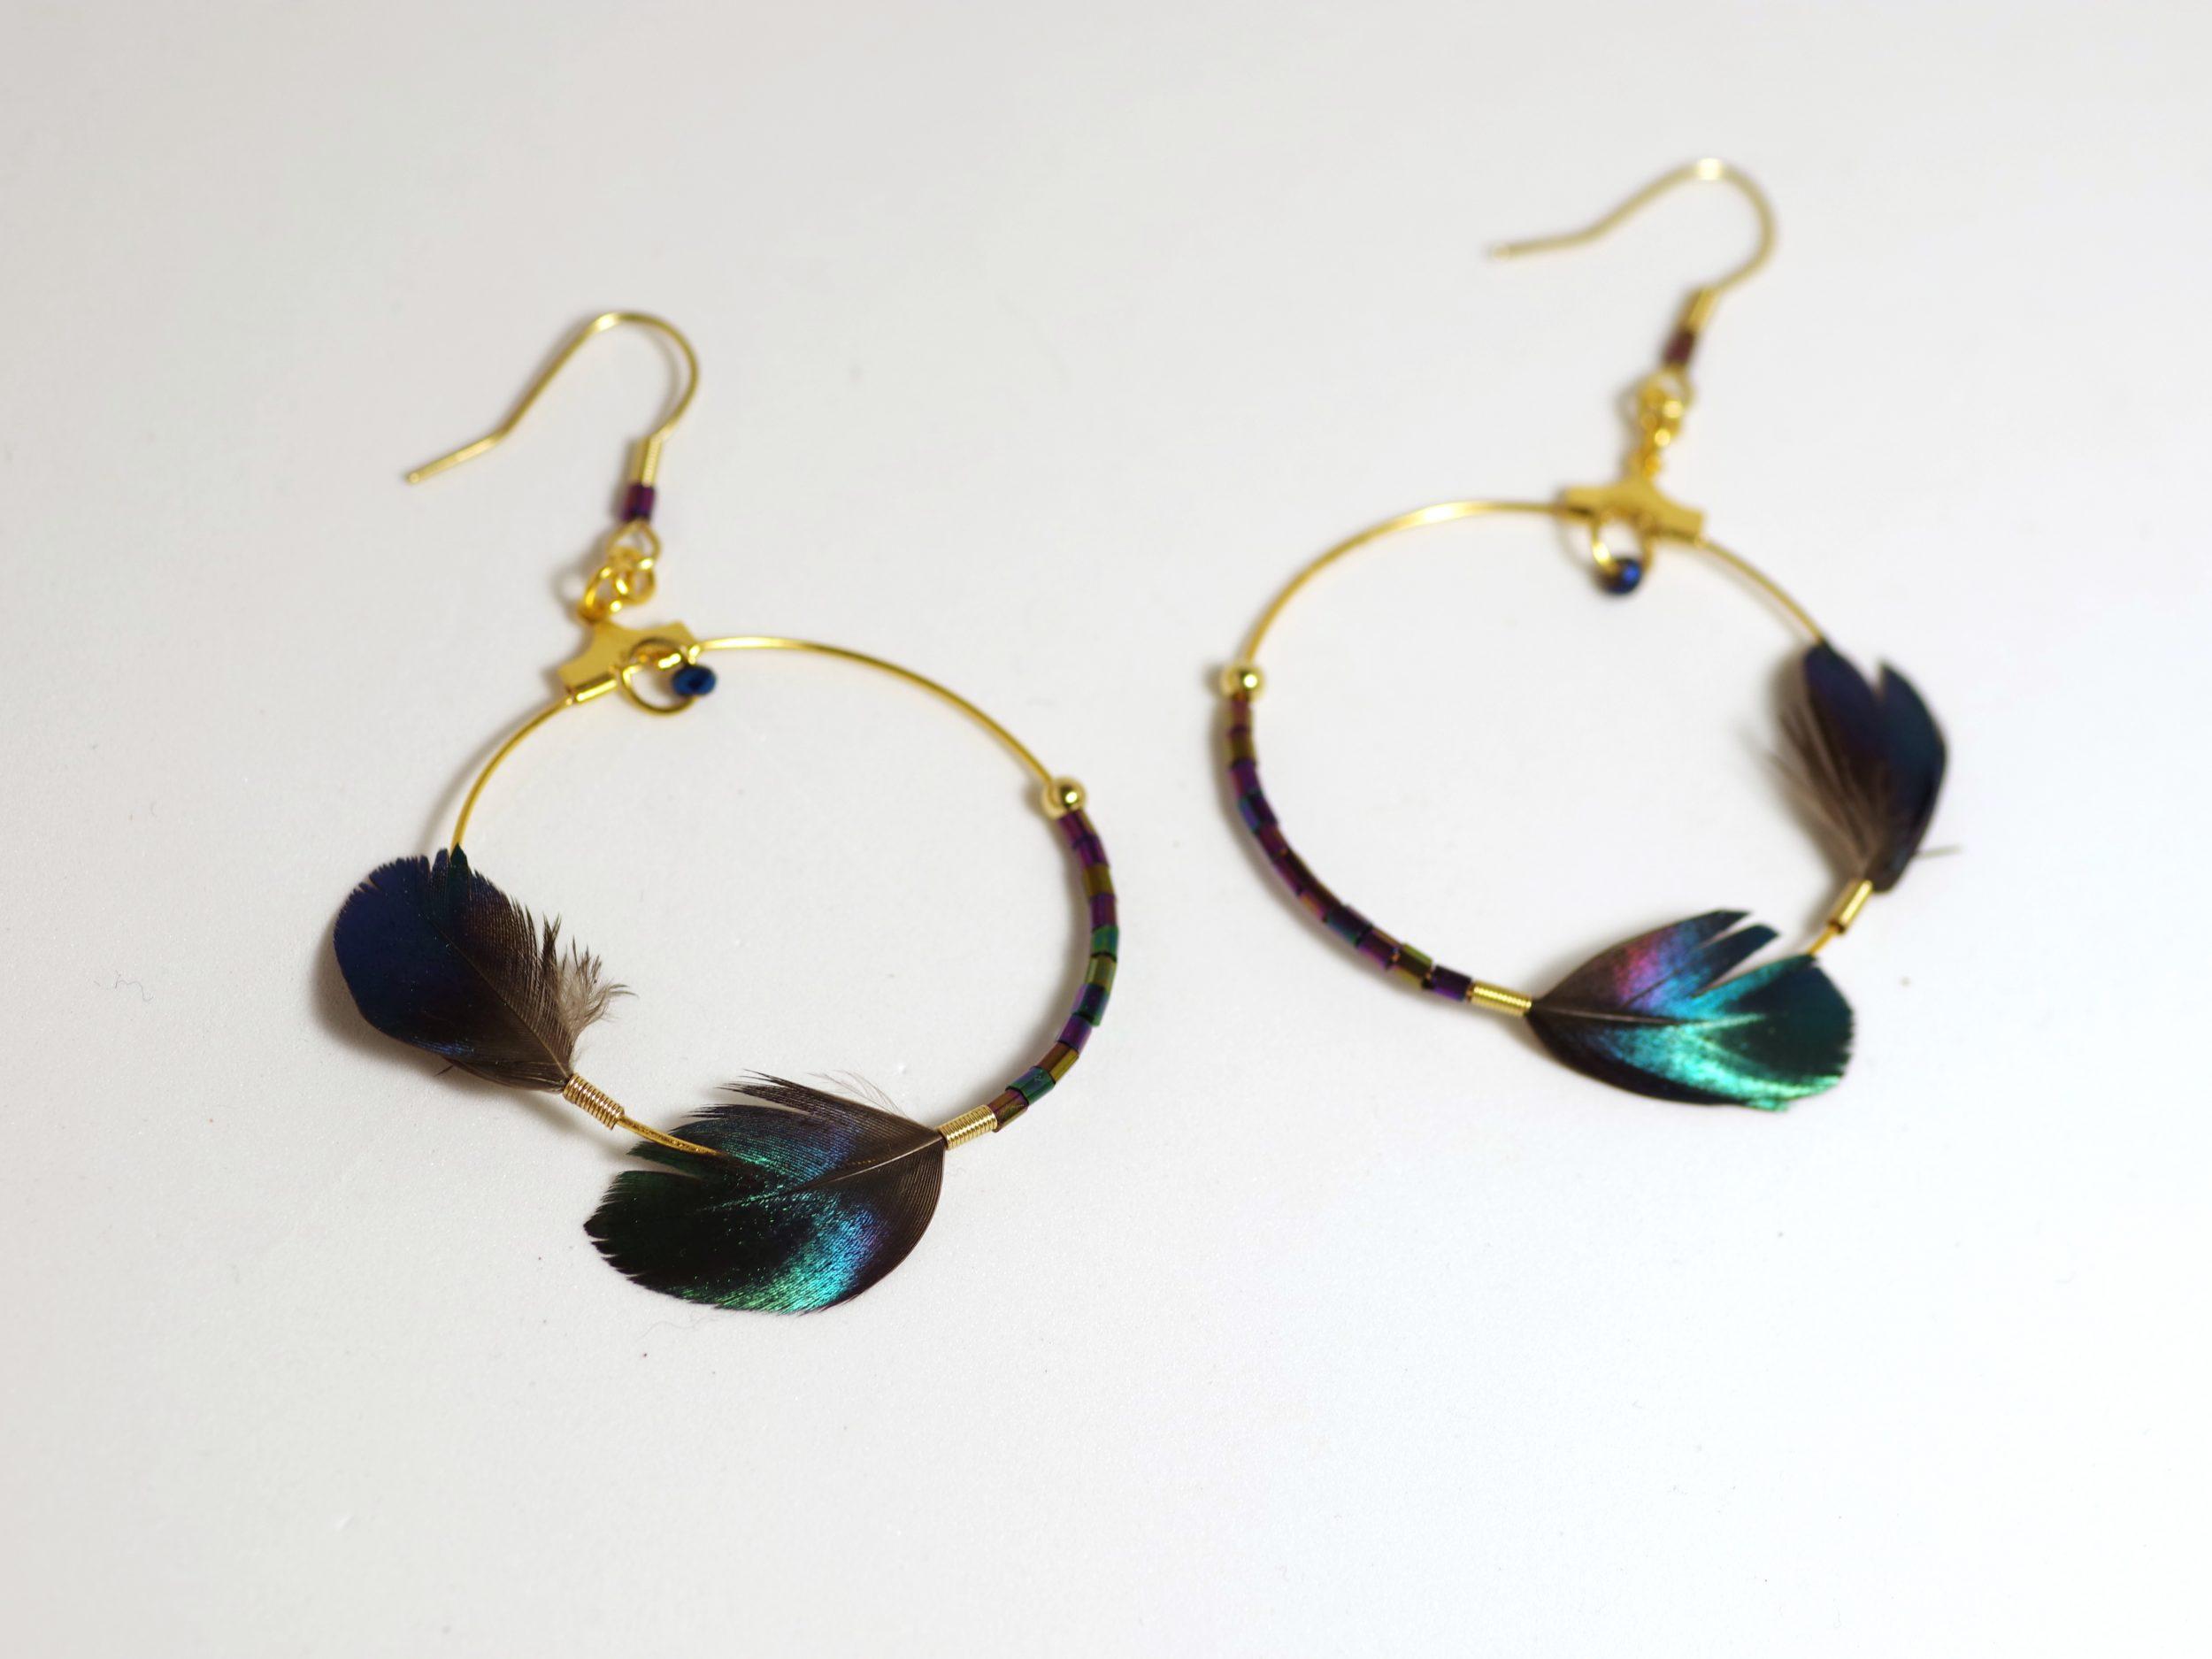 boucles d'oreilles avec un grand anneau doré asymétrique, décoré d'un côté avec deux plumes et de l'autre avec des perles de verre assorties (très petites)